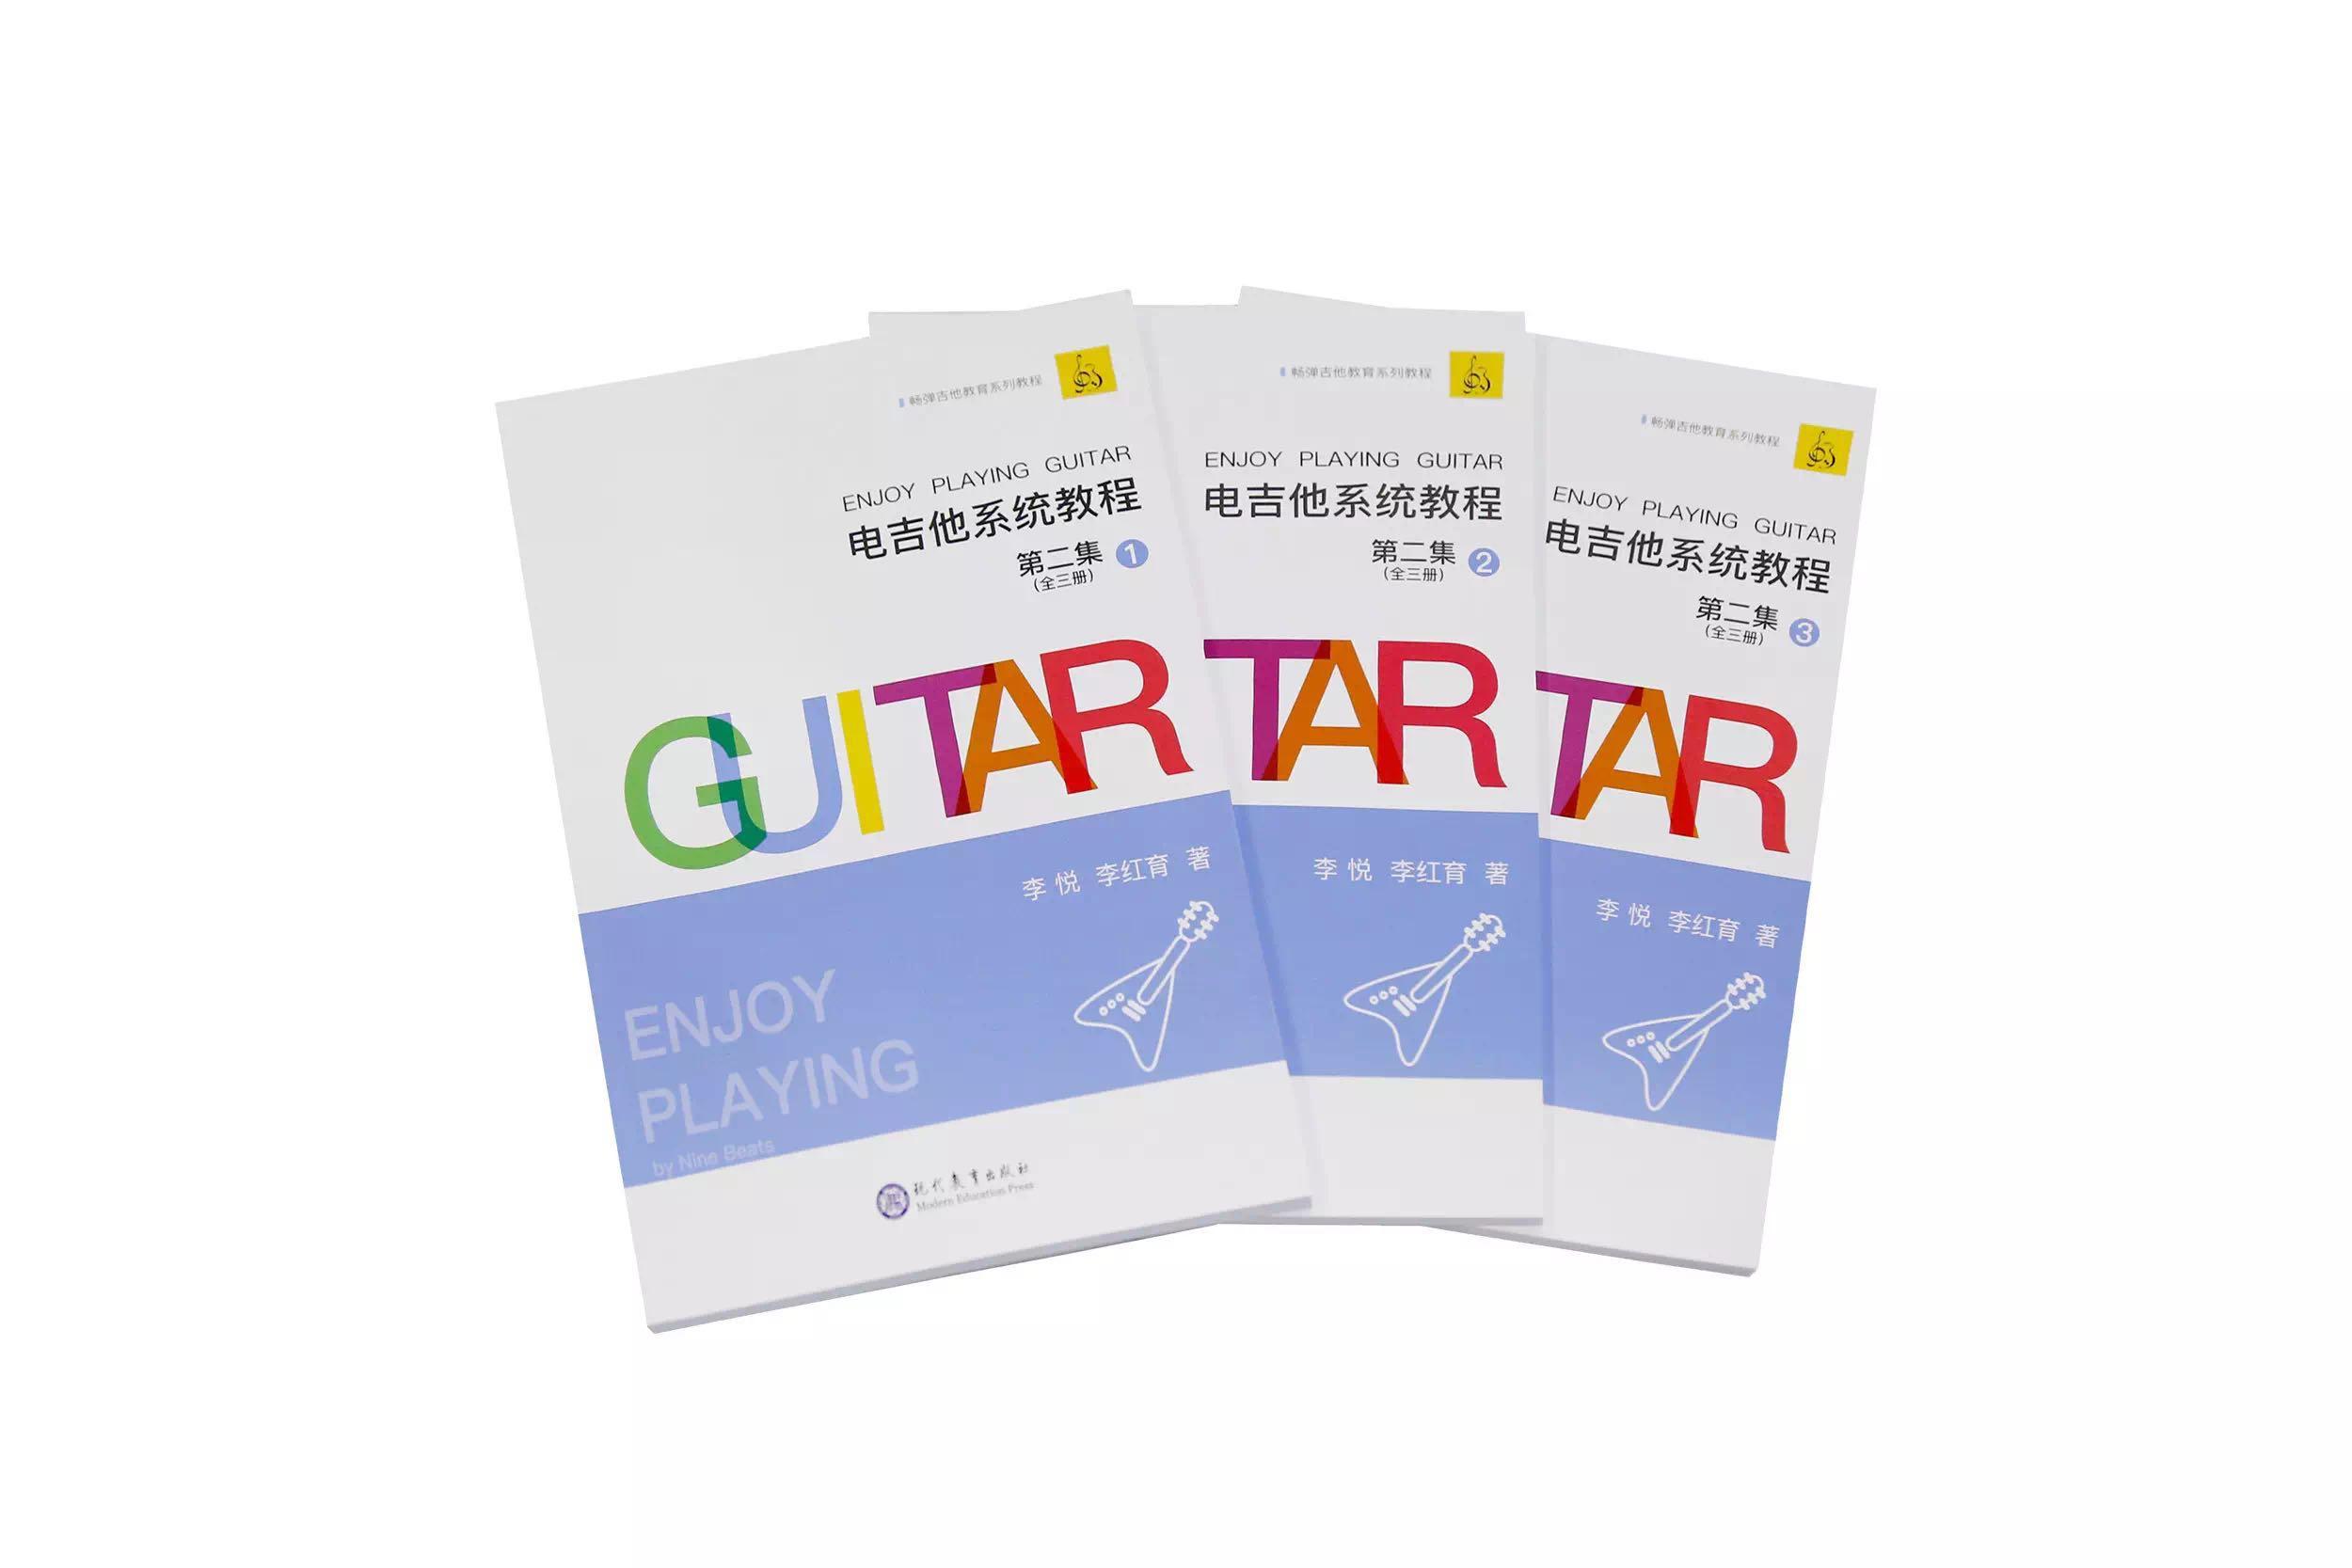 畅弹吉他教育系统教程登陆九拍陪你练APP商城,面向全国公开发售